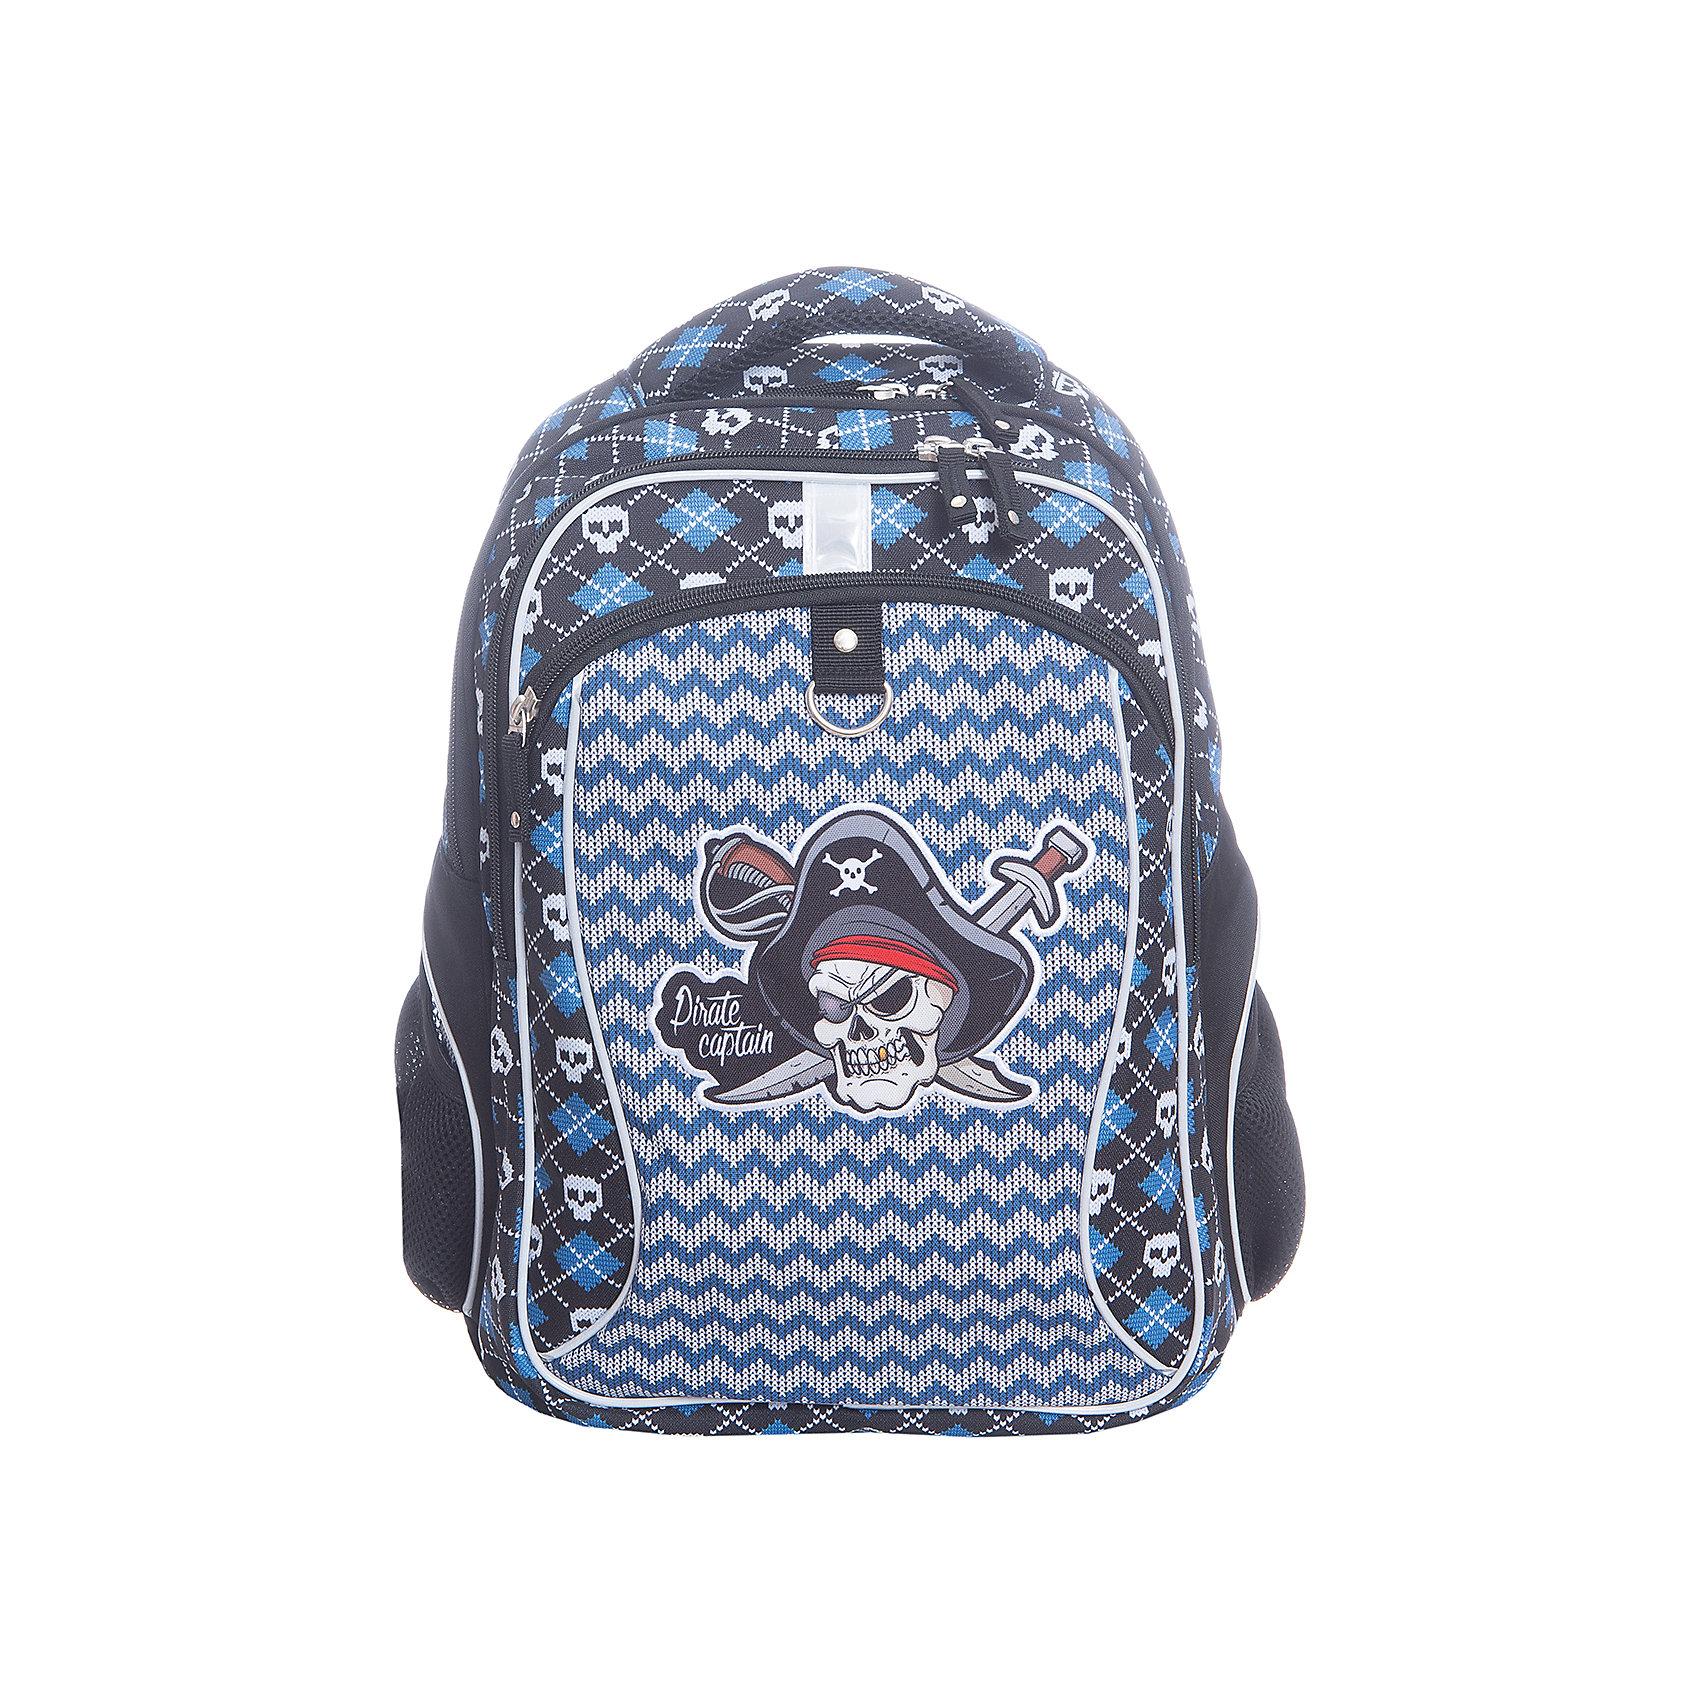 Рюкзак школьный Erich KrausePiratesРюкзаки<br>Характеристики товара:<br><br>• цвет: серый, синий<br>• коллекция: Pirates<br>• спинка: эргономичная<br>• материал: полиэстер<br>• для начальной школы<br>• размер: 38х17х28 см<br>• вес в кг:   450 гр<br>• страна бренда: Германия<br>• страна изготовитель: Китай<br><br>Рюкзак школьный ErichKrause - удобный и практичный. Благодаря легкому весу и удобной эргономичной спинке рюкзак можно носить каждый день. <br><br>Во внутреннем отделении помещаются тетради формата А4. Спереди 2 кармана на молнии, по бокам 2 небольших кармашка для мелочей. Рюкзак выполнен из прочного износостойкого полиэстера, устойчивого к морозам.<br><br>Твердая спинка повторяет изгибы позвоночника, делая ношение комфортным. Сетчатый материал на спинке и внутренней стороне лямок обеспечивает вентиляцию воздуха.<br><br>Дно оснащено пластиковыми ножками для защиты от воды и грязи. Светоотражатели гарантируют видимость в темное время суток.<br><br>Рюкзак школьный  Pirates можно купить в нашем интернет-магазине.<br><br>Ширина мм: 370<br>Глубина мм: 290<br>Высота мм: 190<br>Вес г: 913<br>Возраст от месяцев: 72<br>Возраст до месяцев: 96<br>Пол: Мужской<br>Возраст: Детский<br>SKU: 6842763